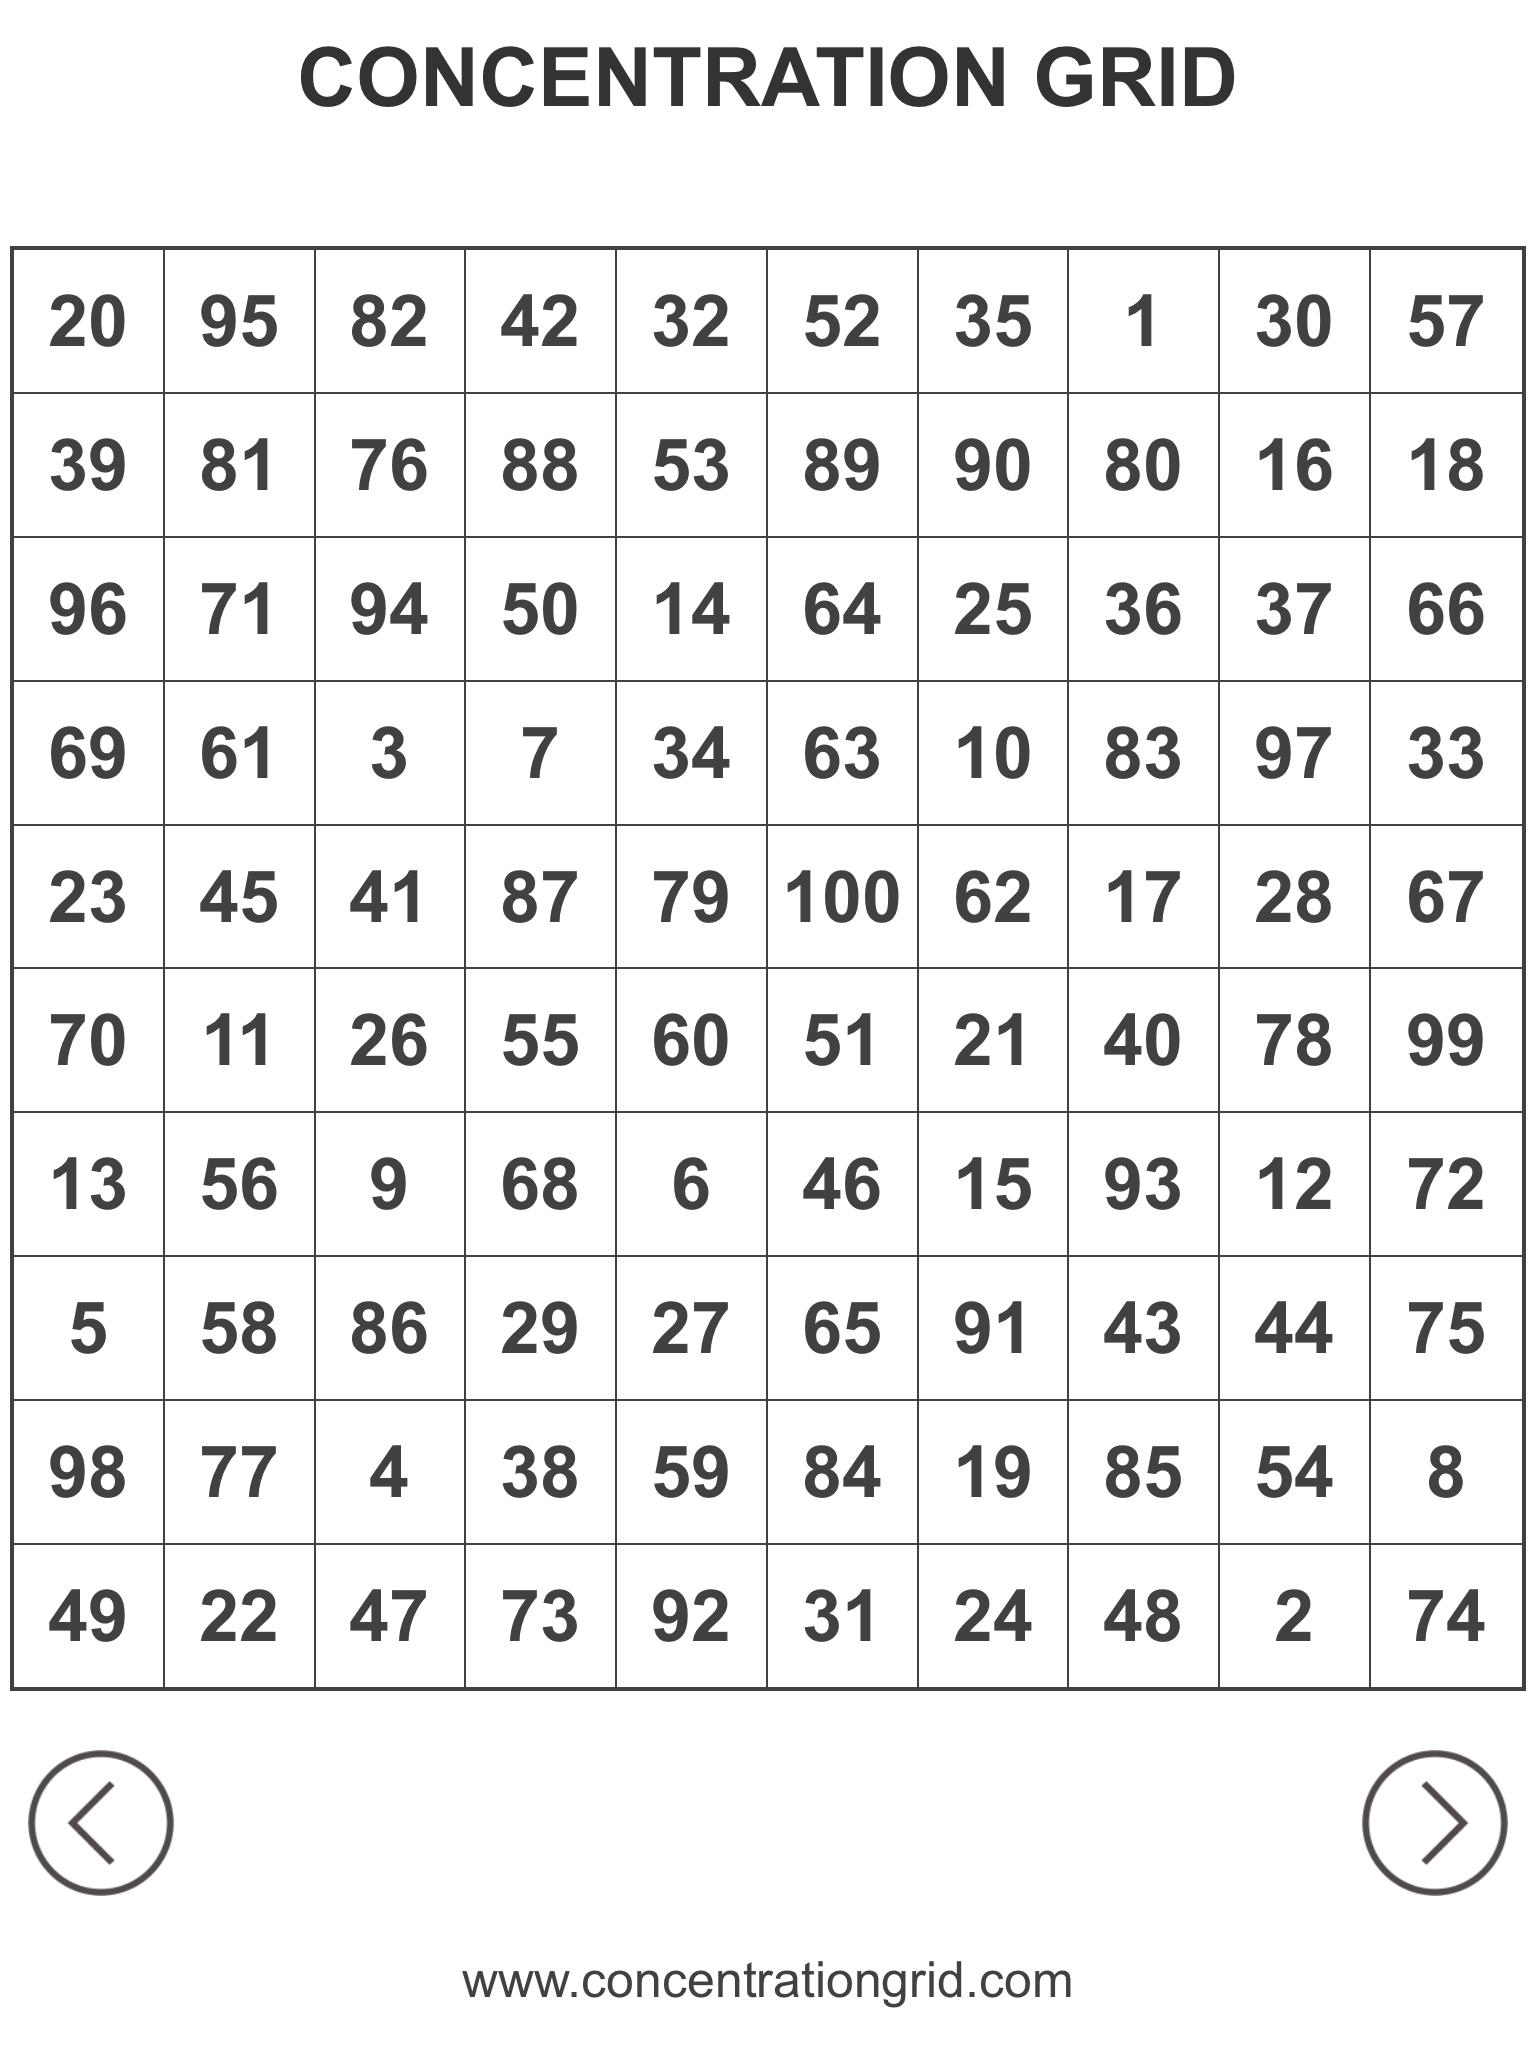 9DA125CD-012C-4999-A9B2-6260D8C3CDA1